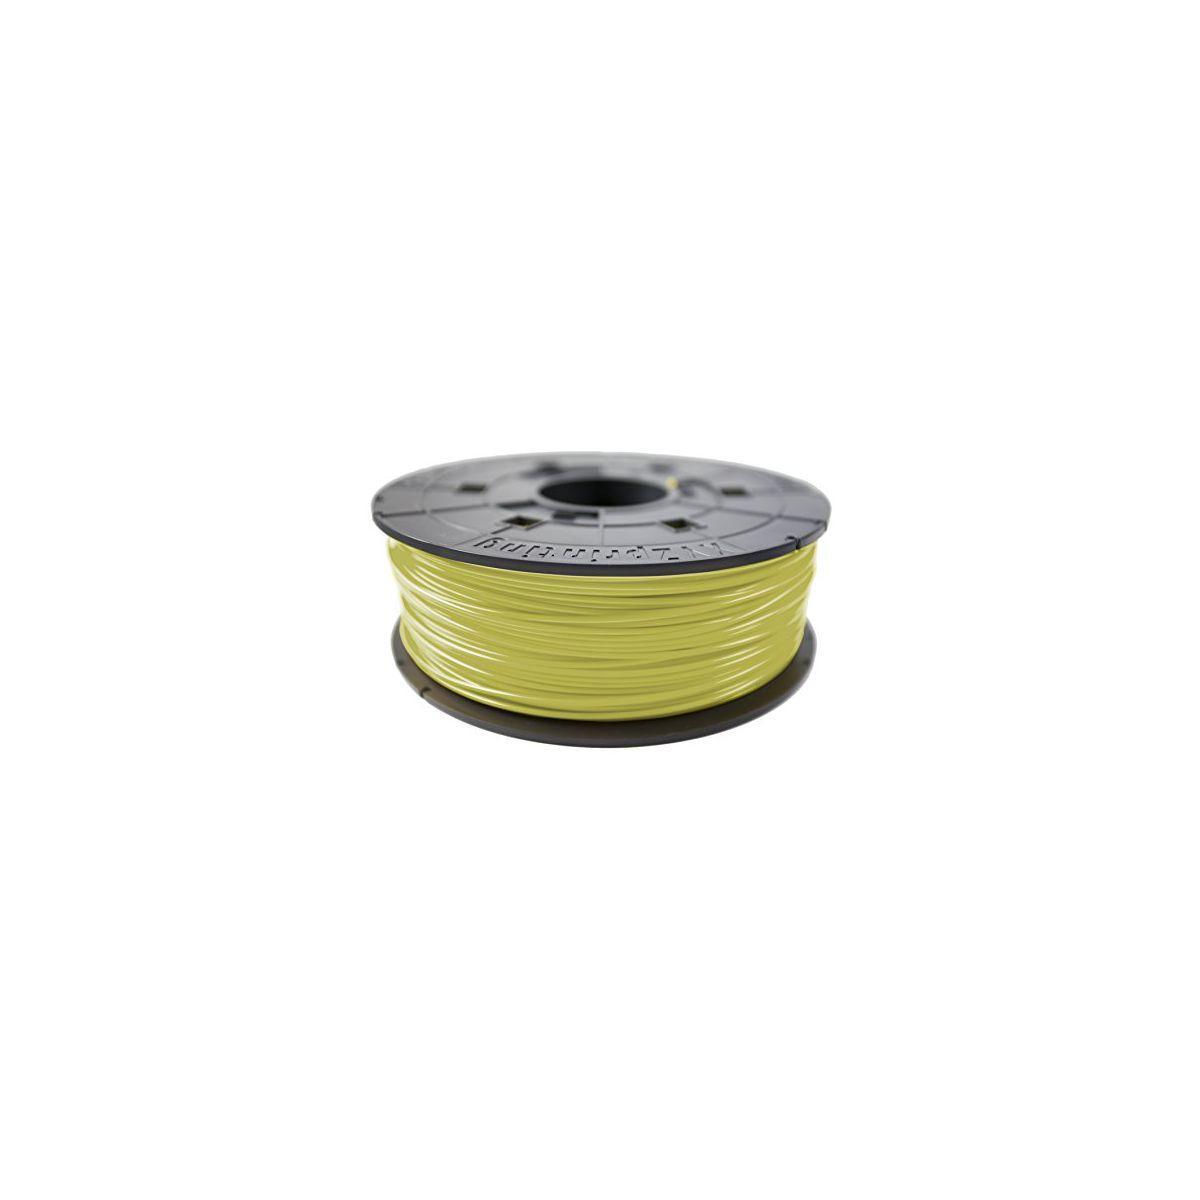 Filament 3d xyz printing bobine recharge abs jaune clair - 2% ...